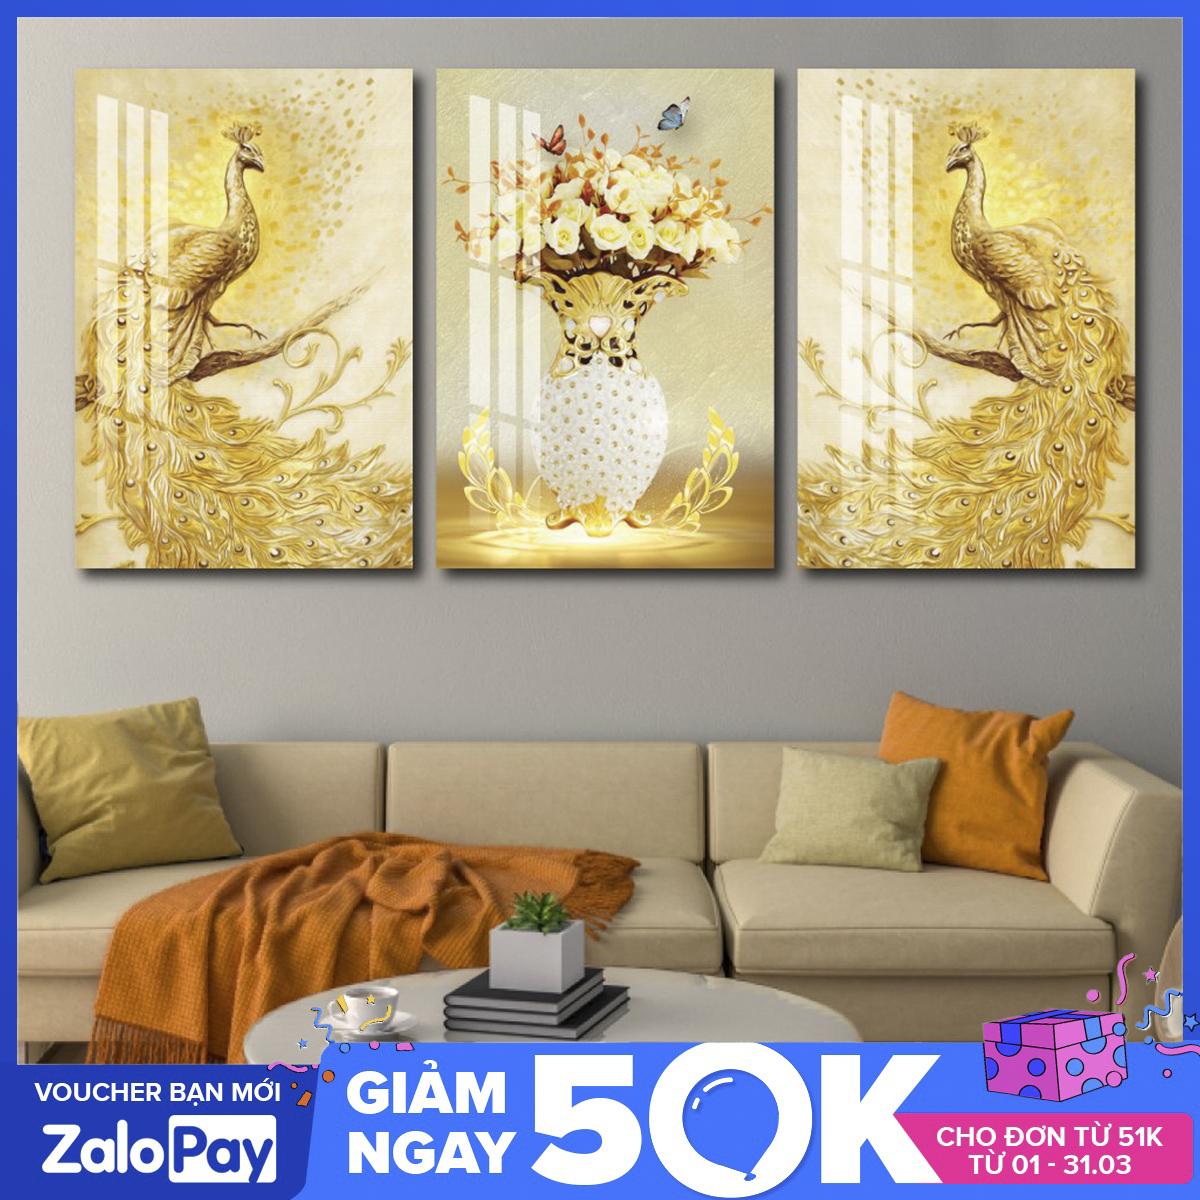 [Freeship] Tranh canvas treo tường khung gỗ cao cấp LaLaShop-Bộ 3 bức tranh treo tường Chim Công Vàng Khung Gỗ sang trọng-Tranh vải treo tường phòng khách 3d hiện đại tặng kèm đinh không cần khoan tường